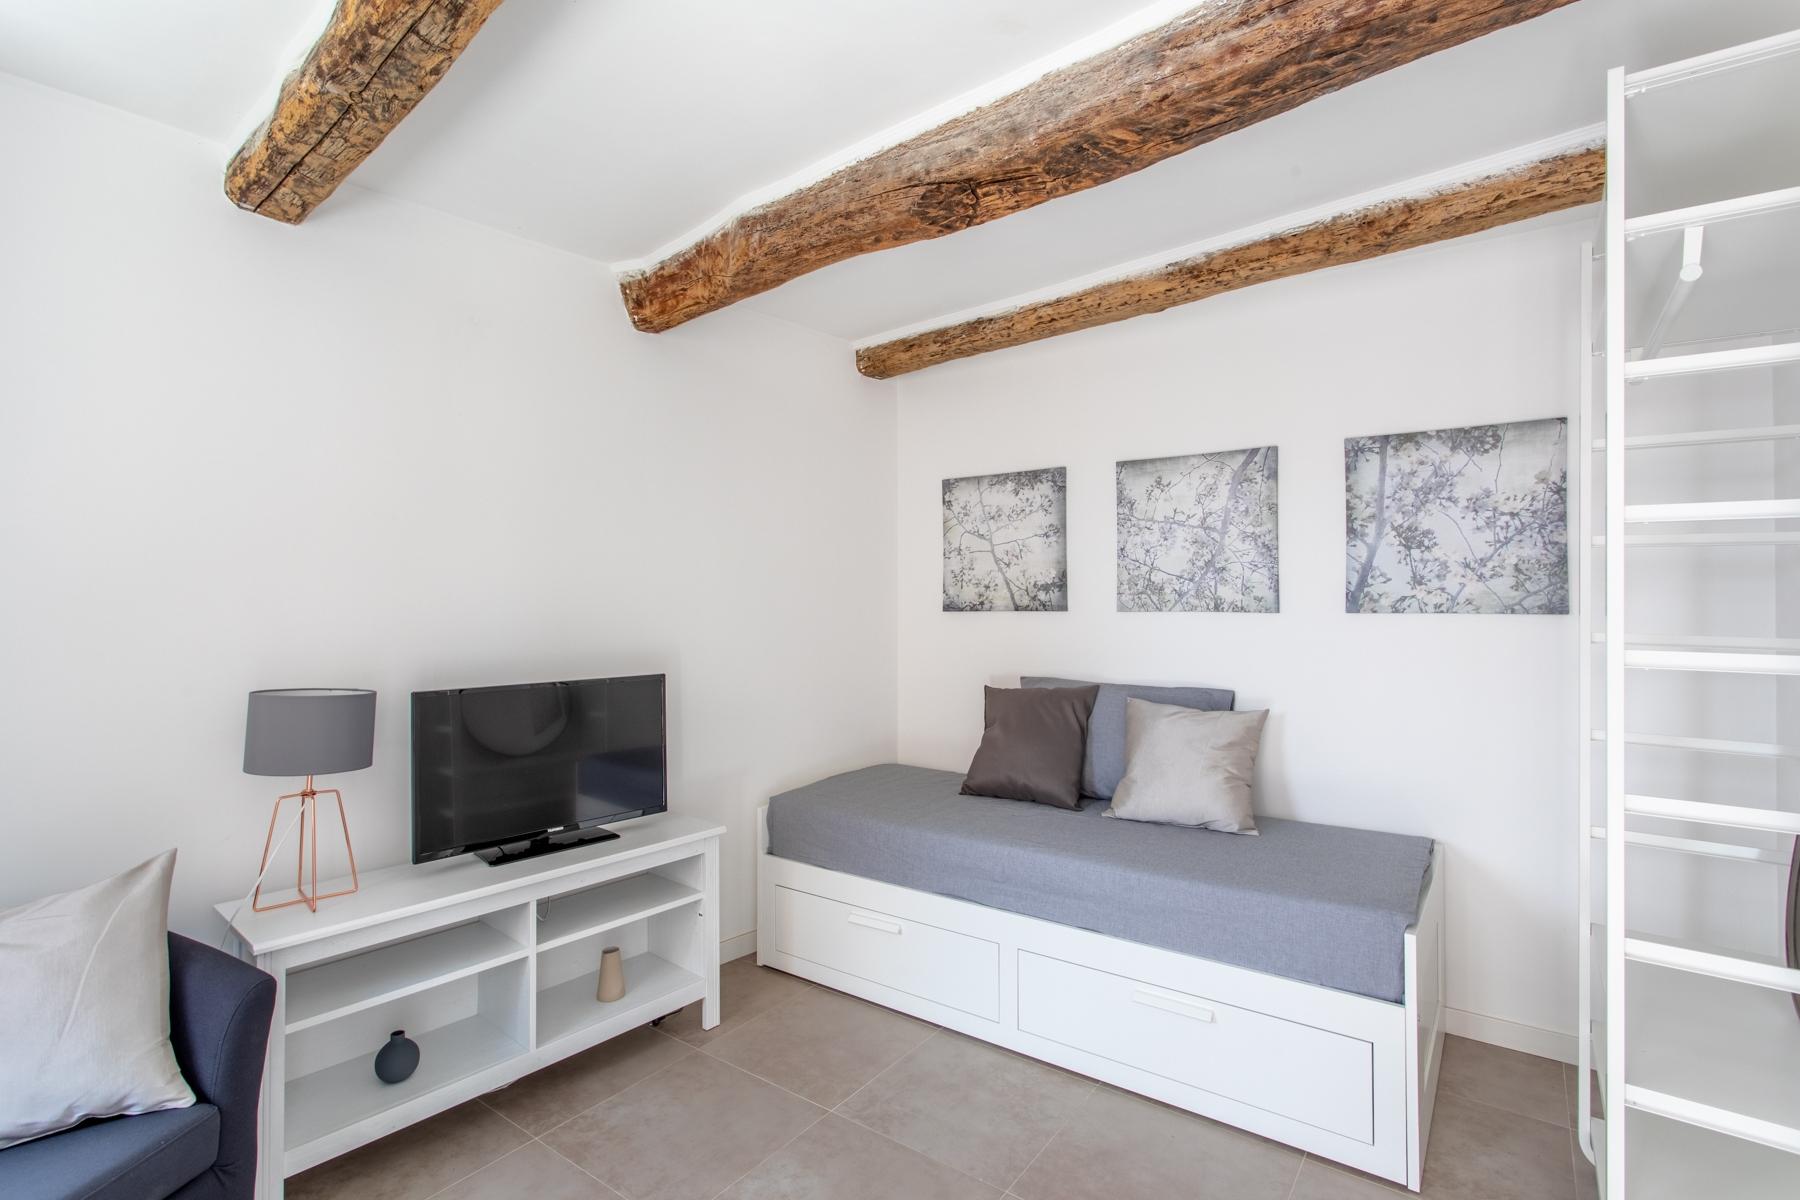 Casa indipendente in Vendita a Trevignano Romano: 5 locali, 163 mq - Foto 16